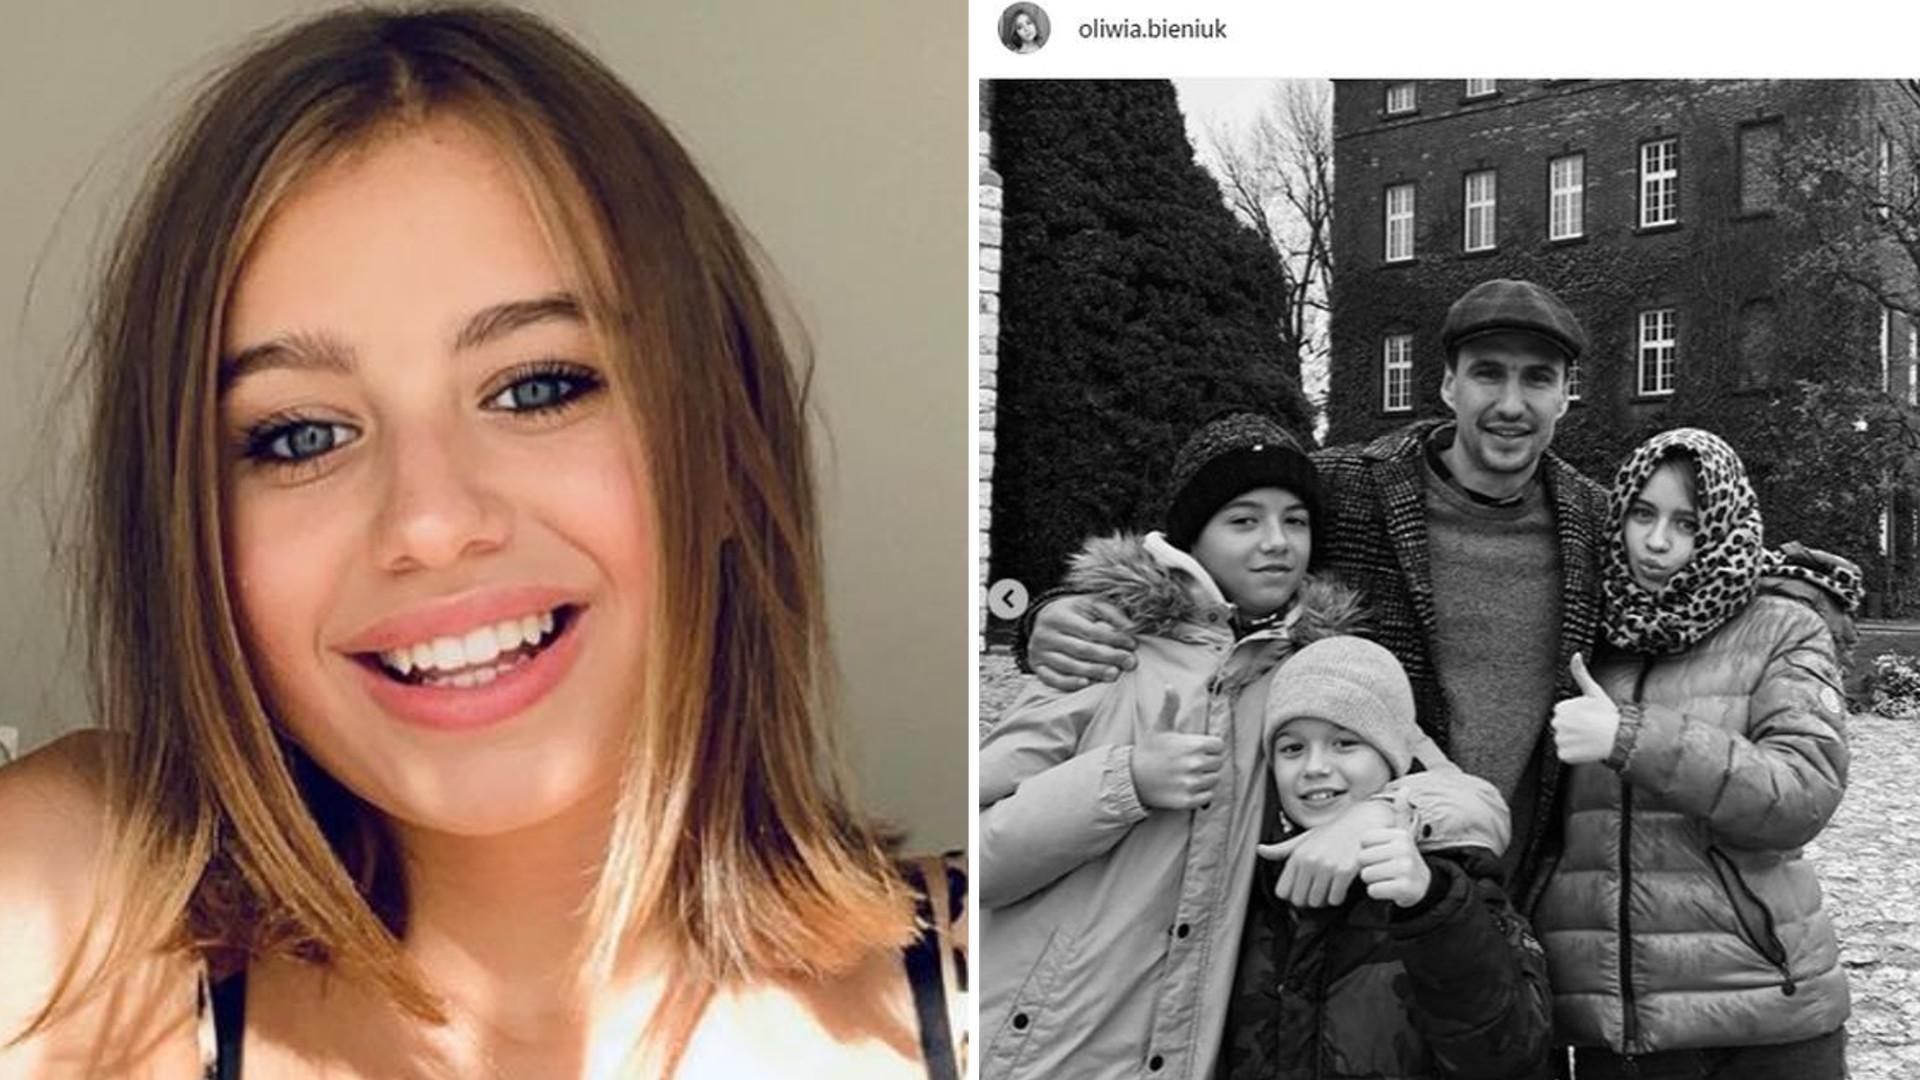 Oliwia Bieniuk z ojcem i braćmi – pokazała zdjęcia z rodzinnego weekendu (Instagram)